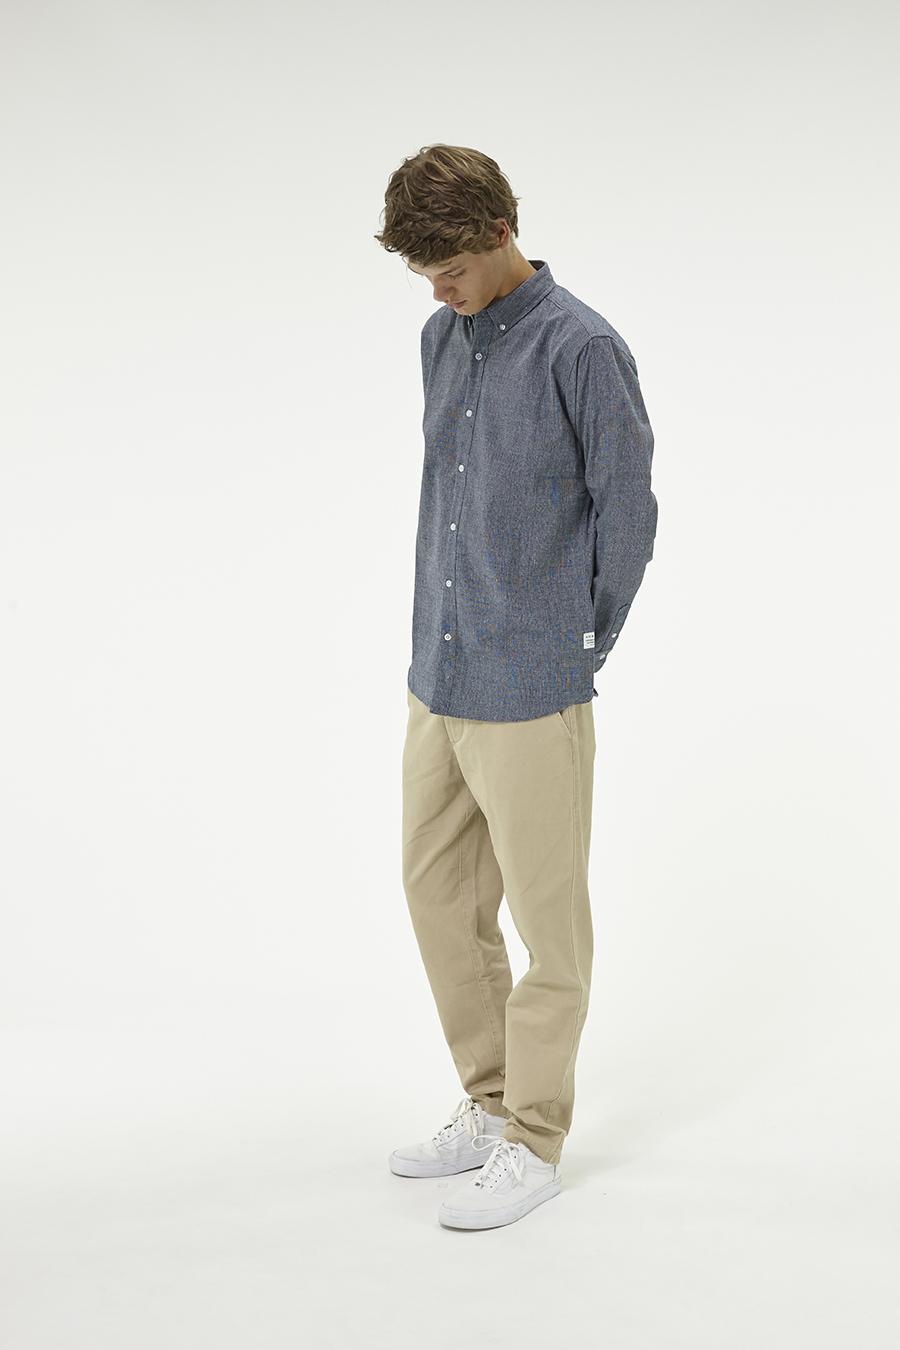 Huffer_Q3-16_M-Huntington-LS-Shirt_Navy-04